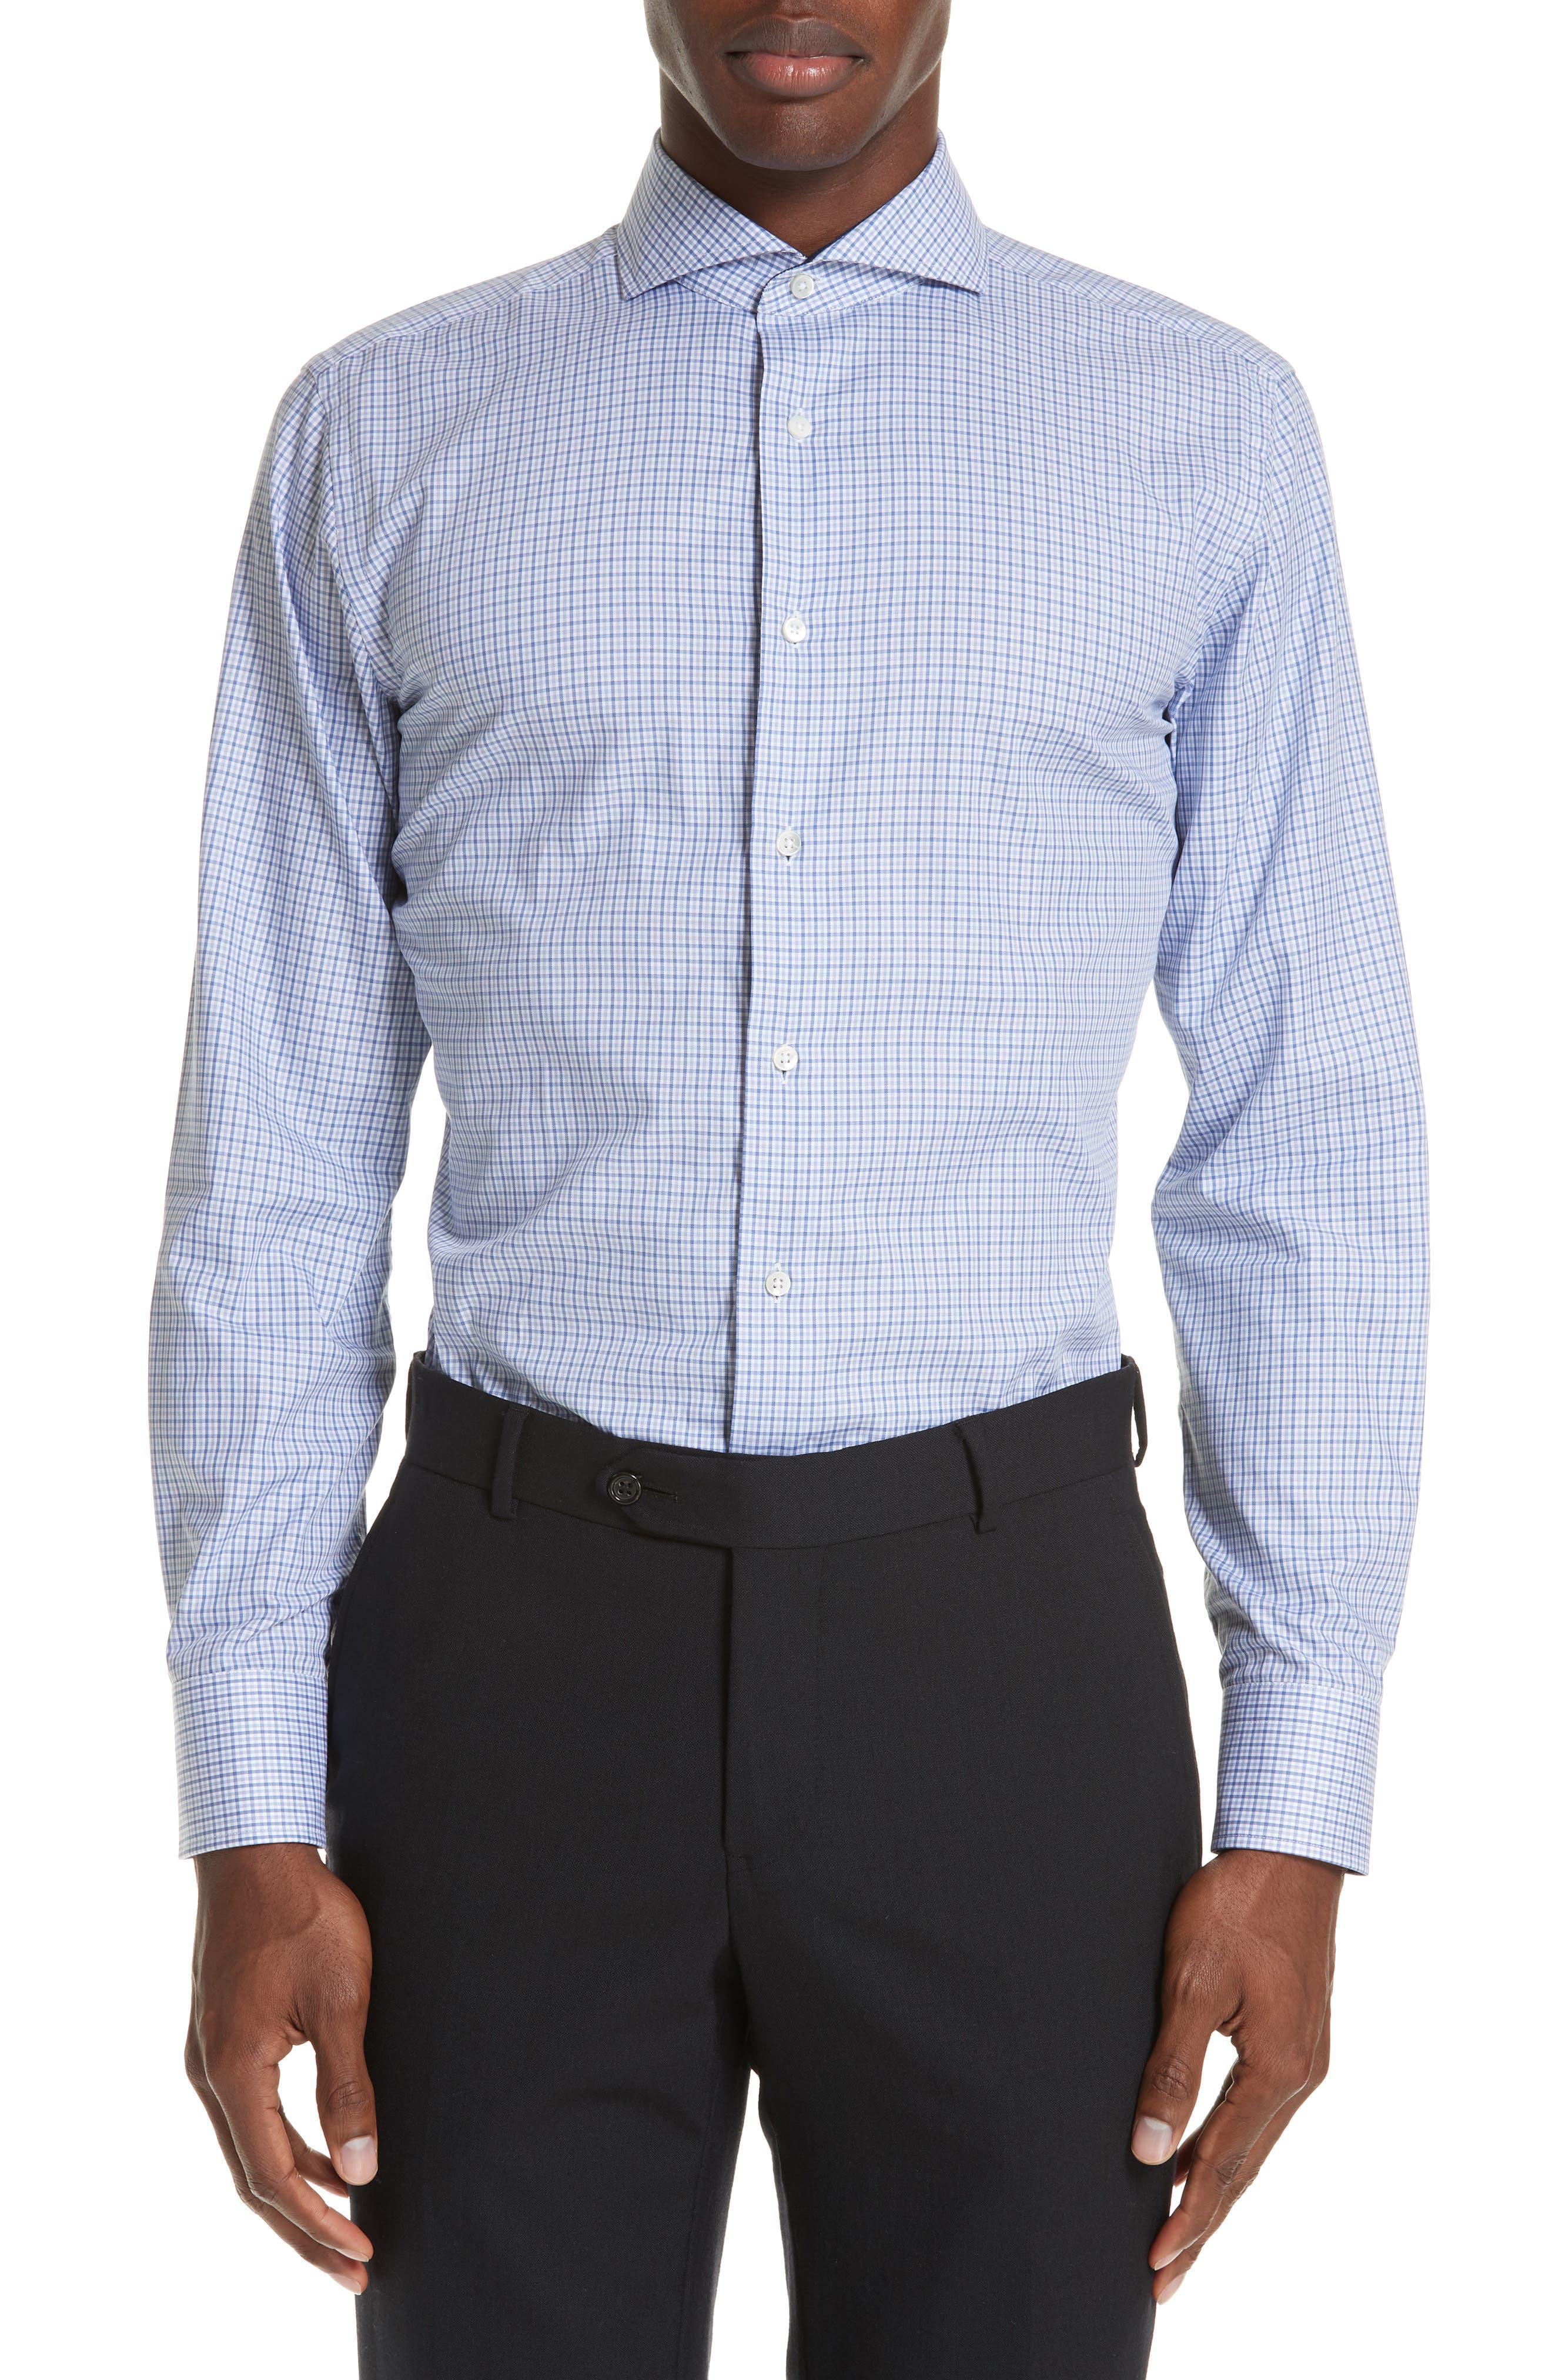 Regular Fit Check Dress Shirt,                             Main thumbnail 1, color,                             420